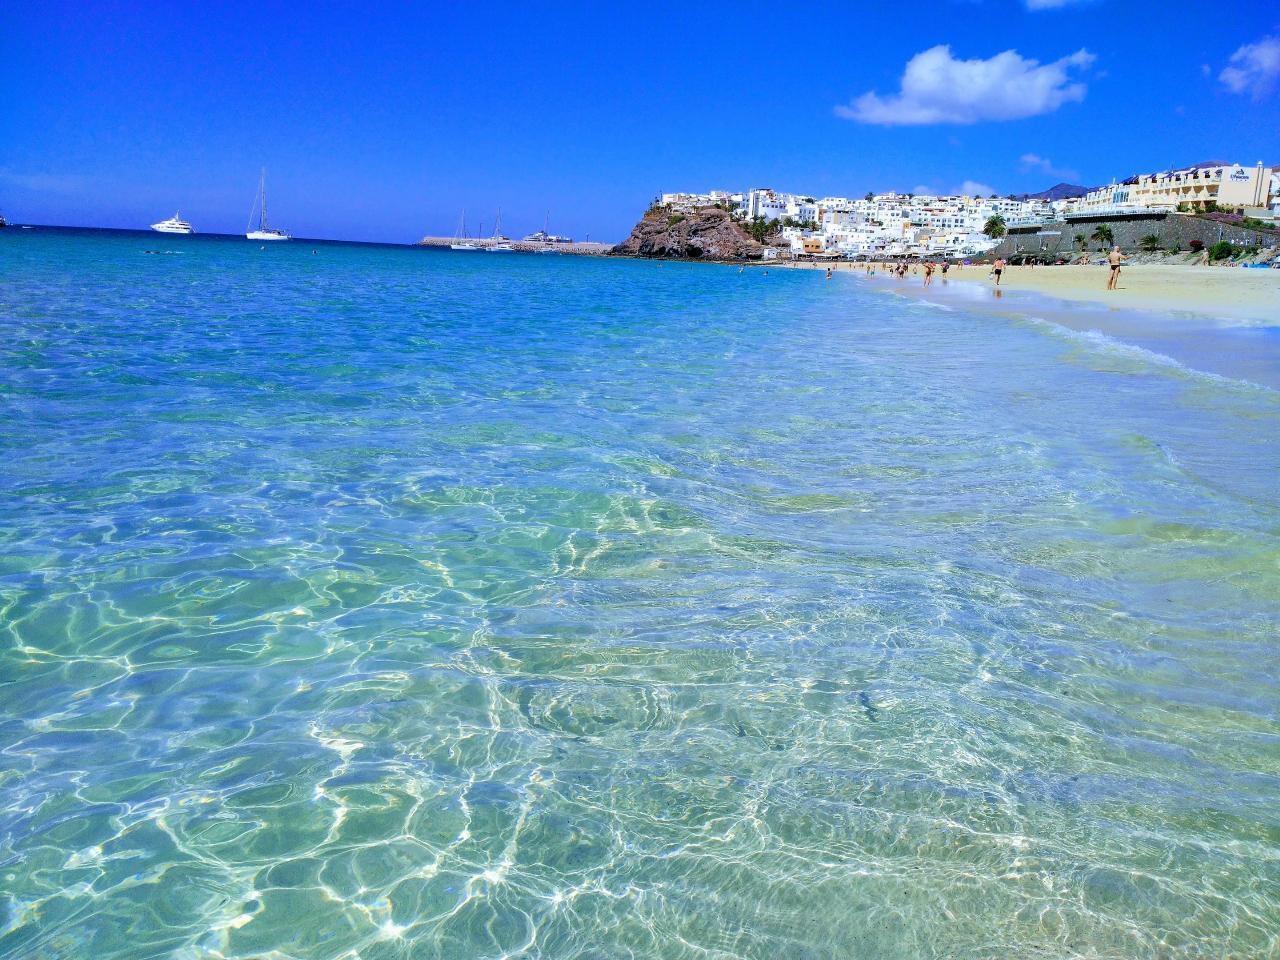 Ferienwohnung Apartment 2 / 4p am Strand und mit allen Dienstleistungen, mit Meerblick, Swimmingpools, a (487787), Morro Jable, Fuerteventura, Kanarische Inseln, Spanien, Bild 20